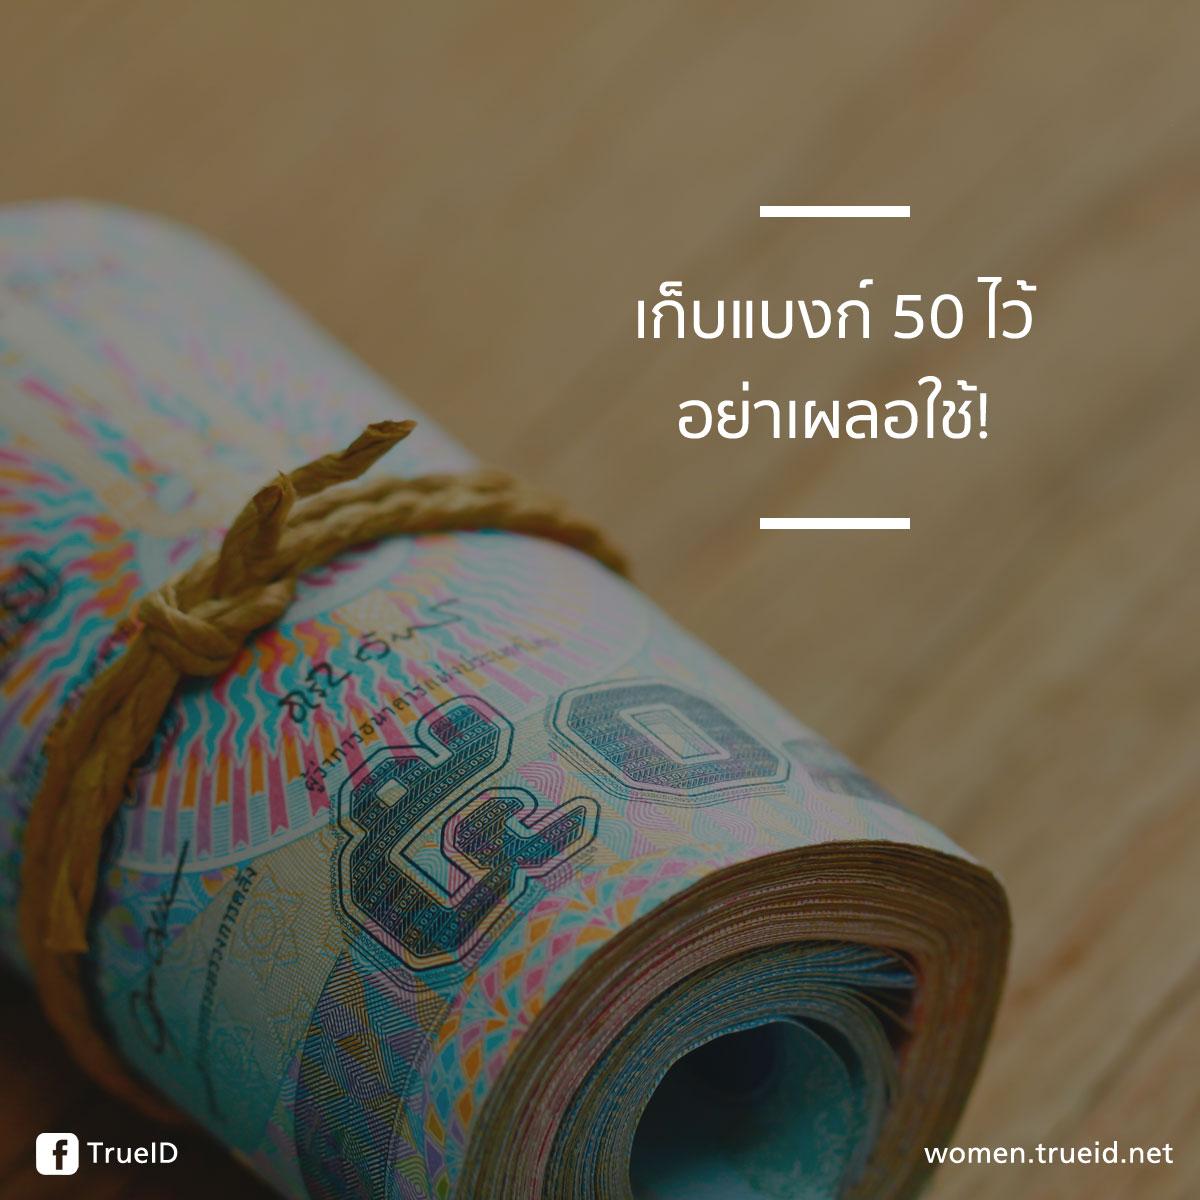 5 วิธีออมเงิน ที่ลองทำแล้วชีวิตจะดี มีเงินเก็บเพียบ!